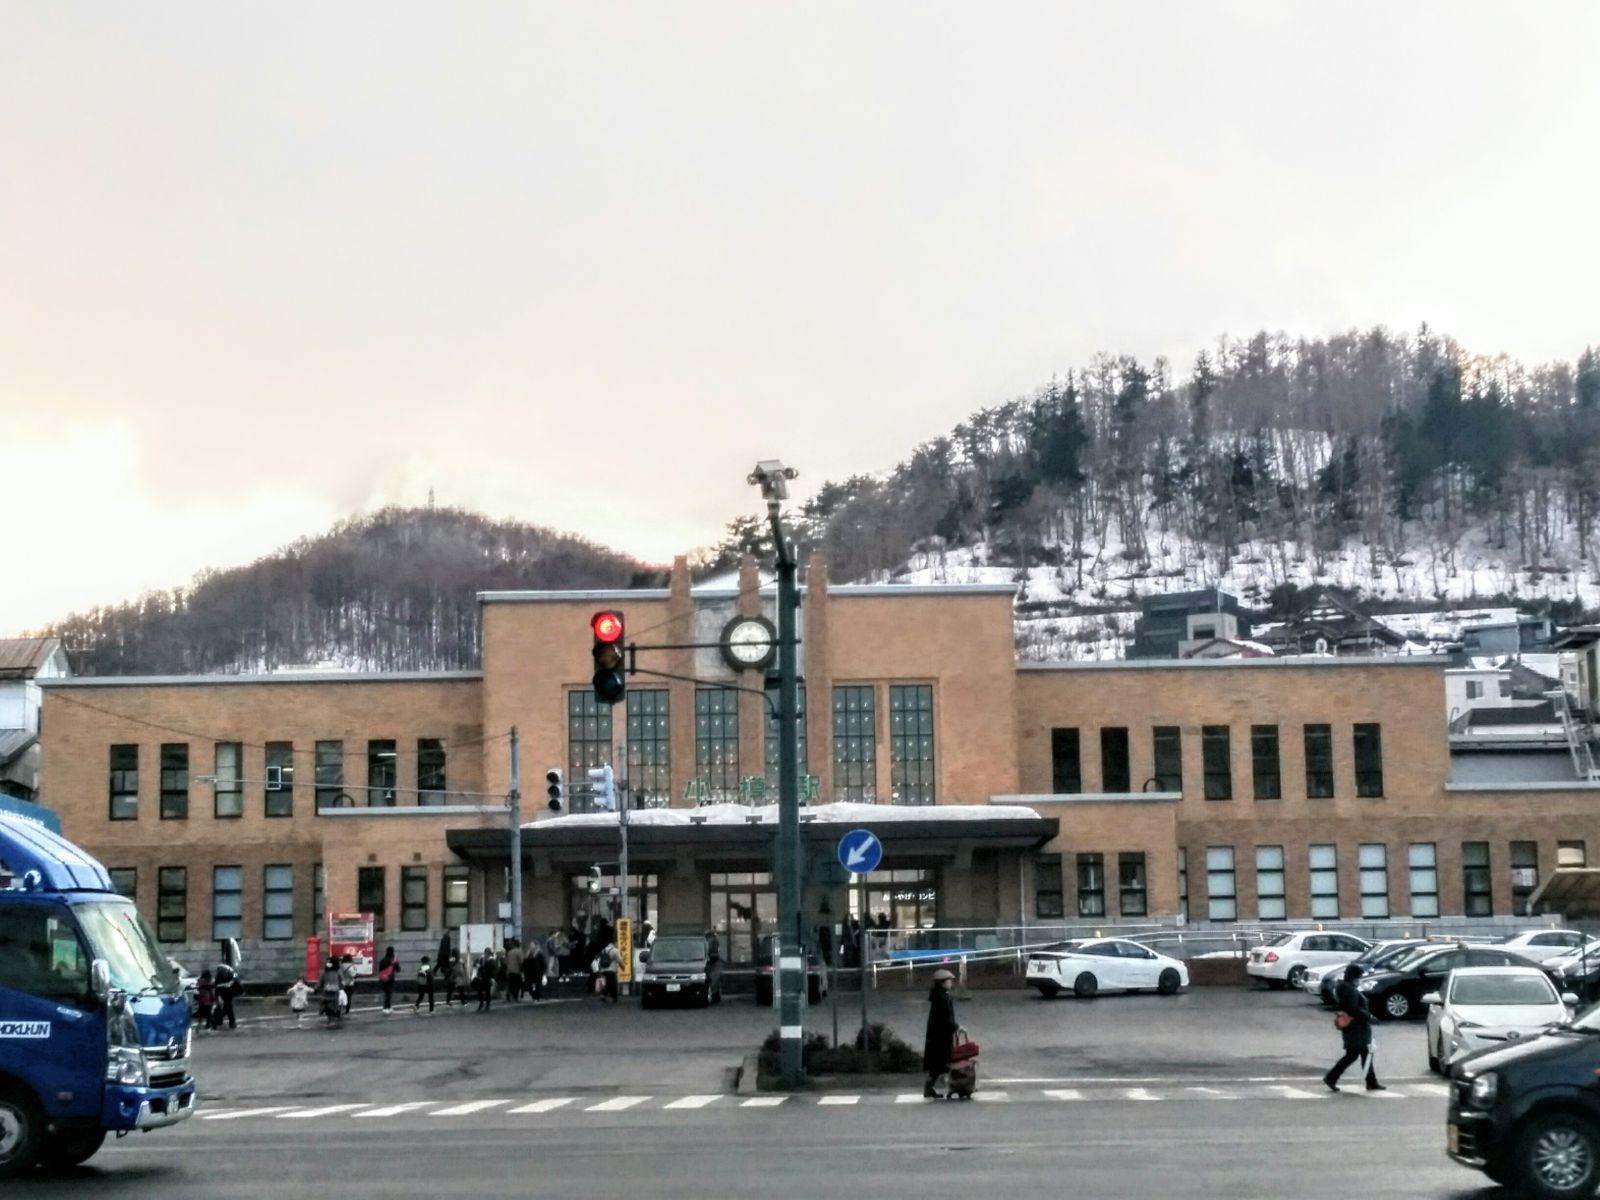 【小樽観光タクシー】北海道小樽駅送迎観光貸切タクシー・ジャンボタクシー